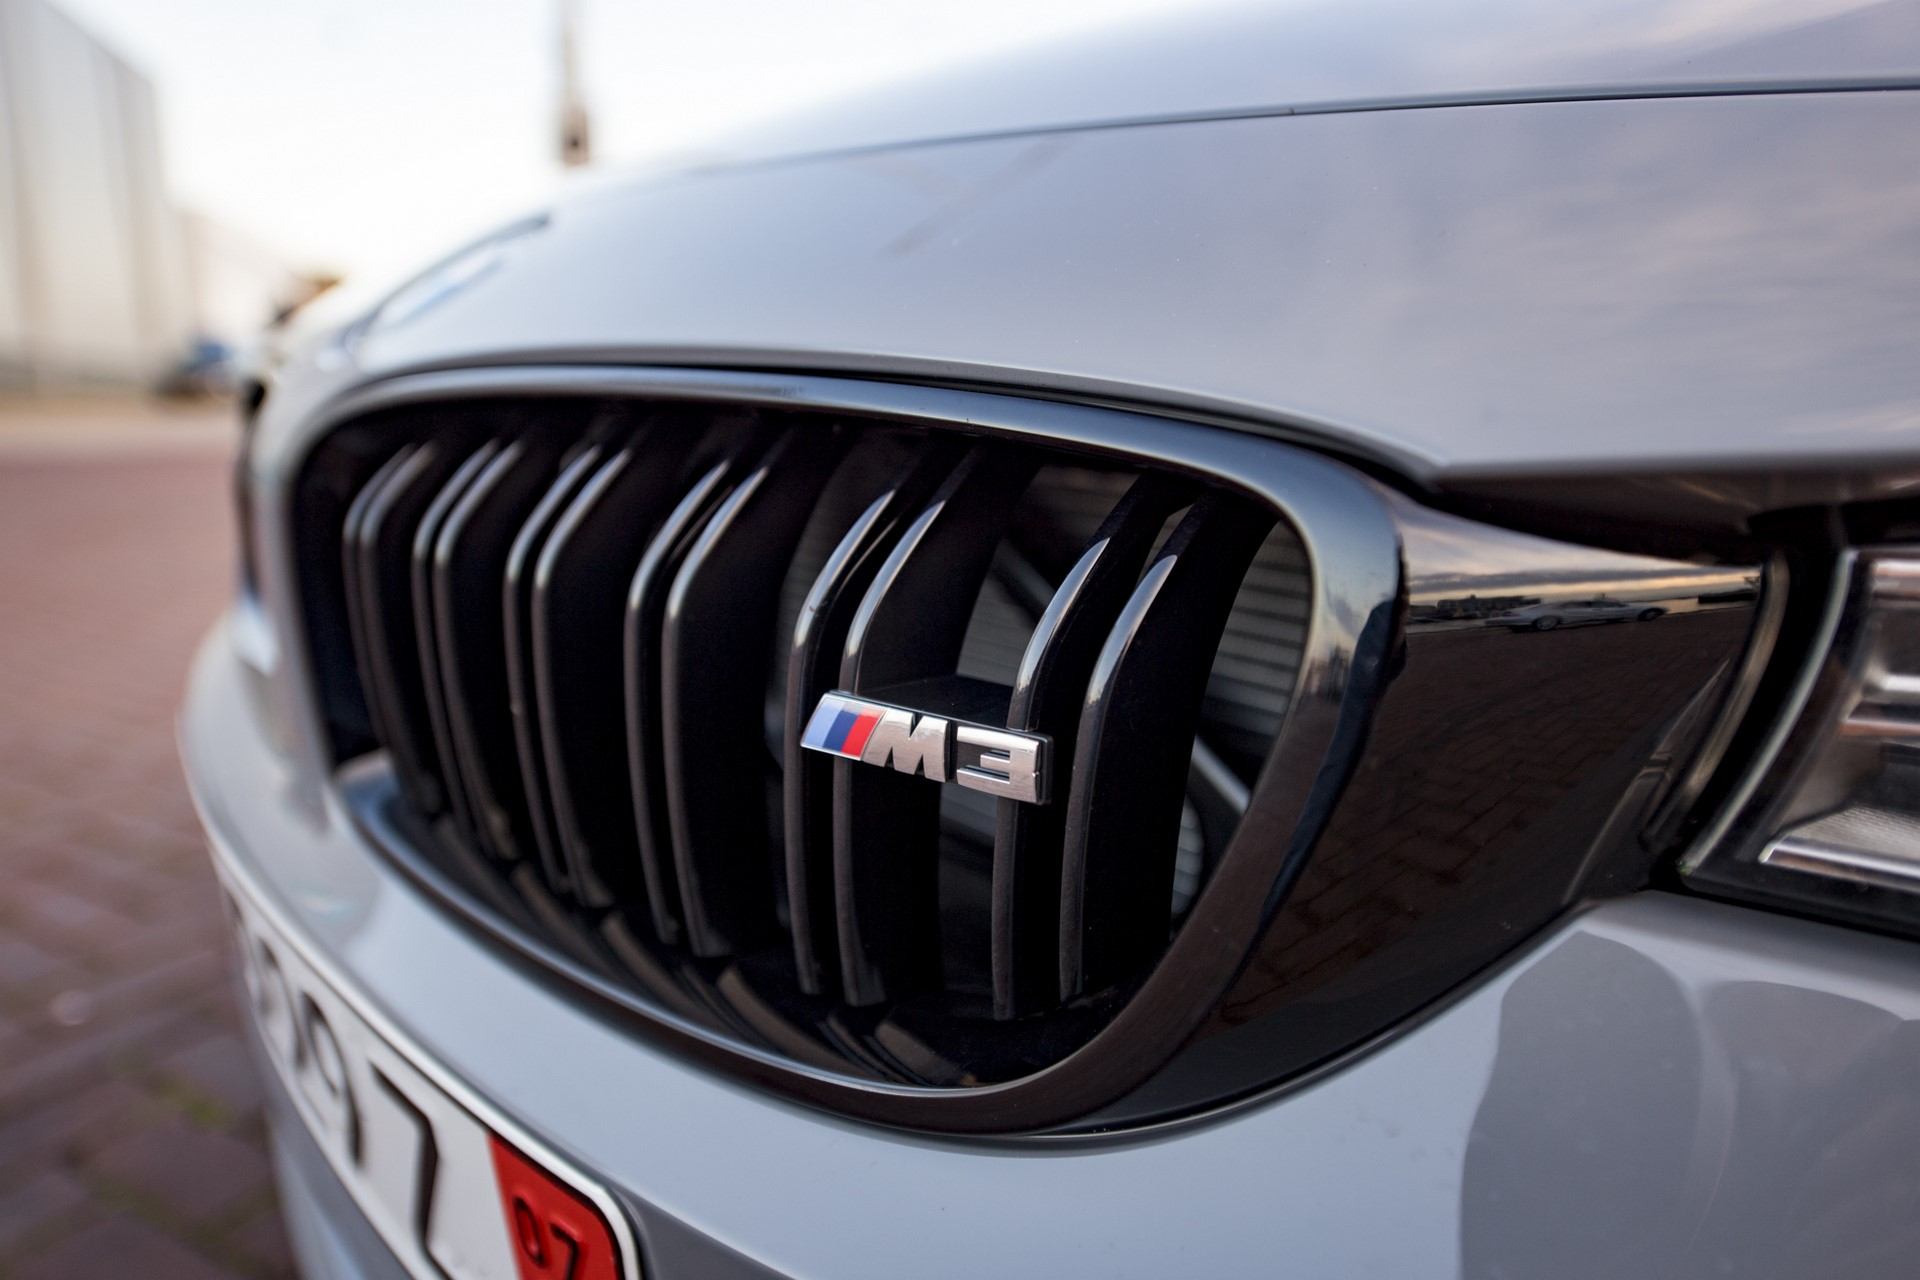 BMW M3 in Nardo Grey color (28)